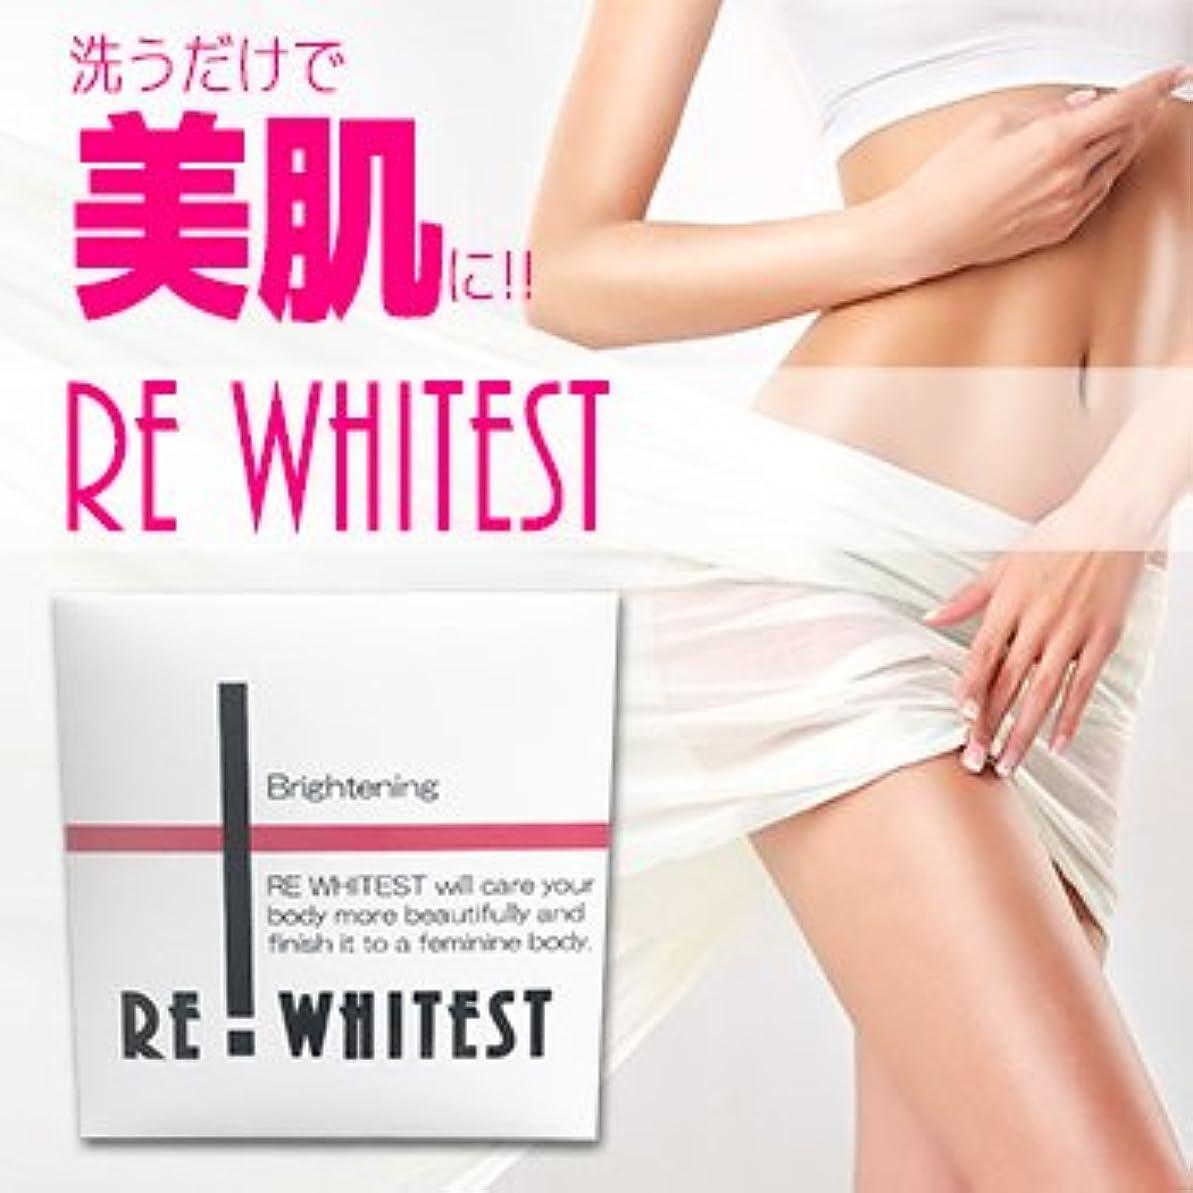 ロボット吐き出す広範囲にパパイン+イソフラボン配合女性用美肌石鹸 REWHITEST-リホワイテスト-